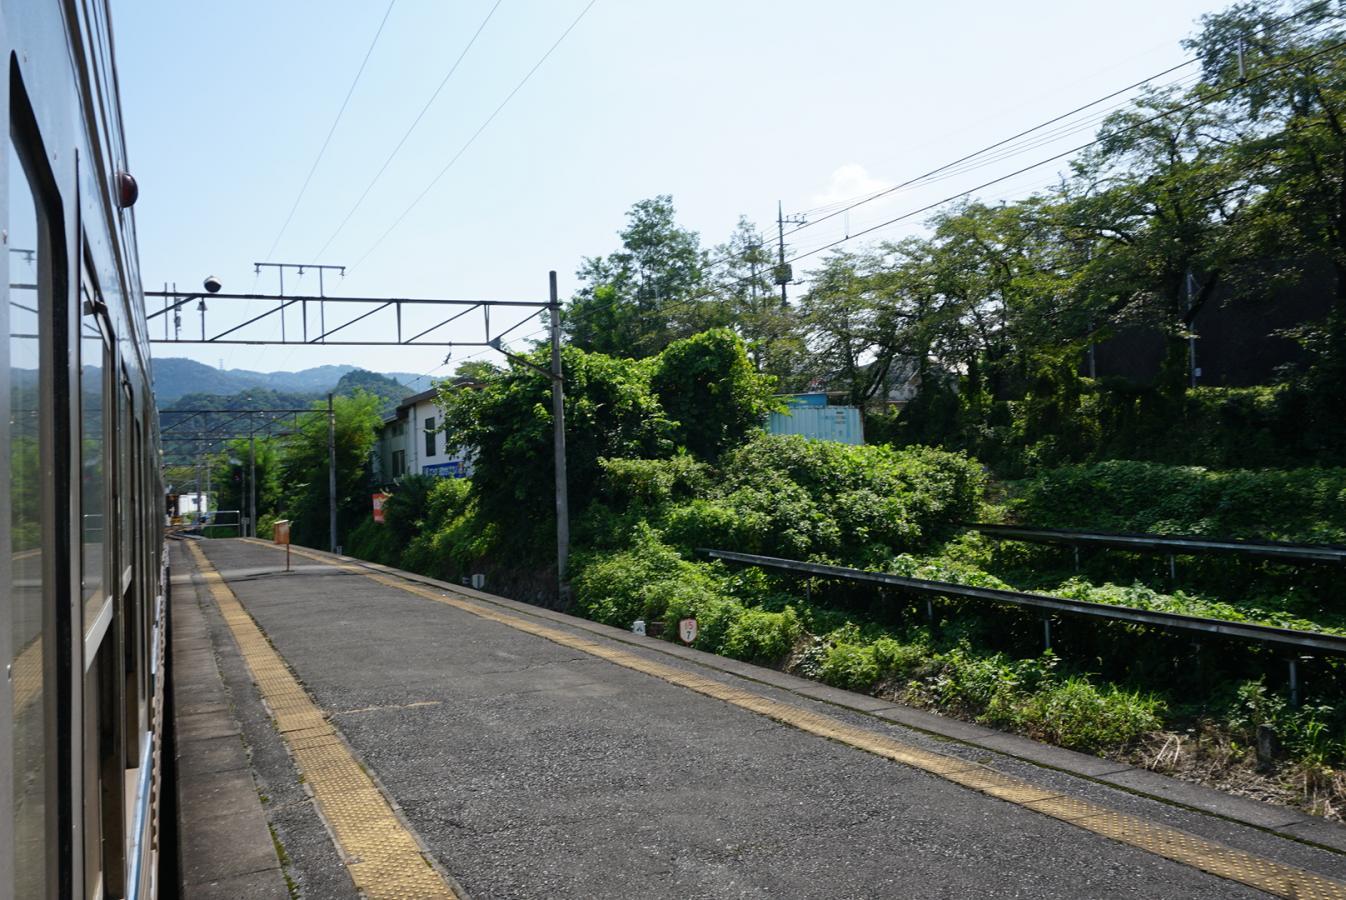 ユキサキナビ】西武バス「三沢郵便局」バス停留所(秩父郡皆野町三沢)